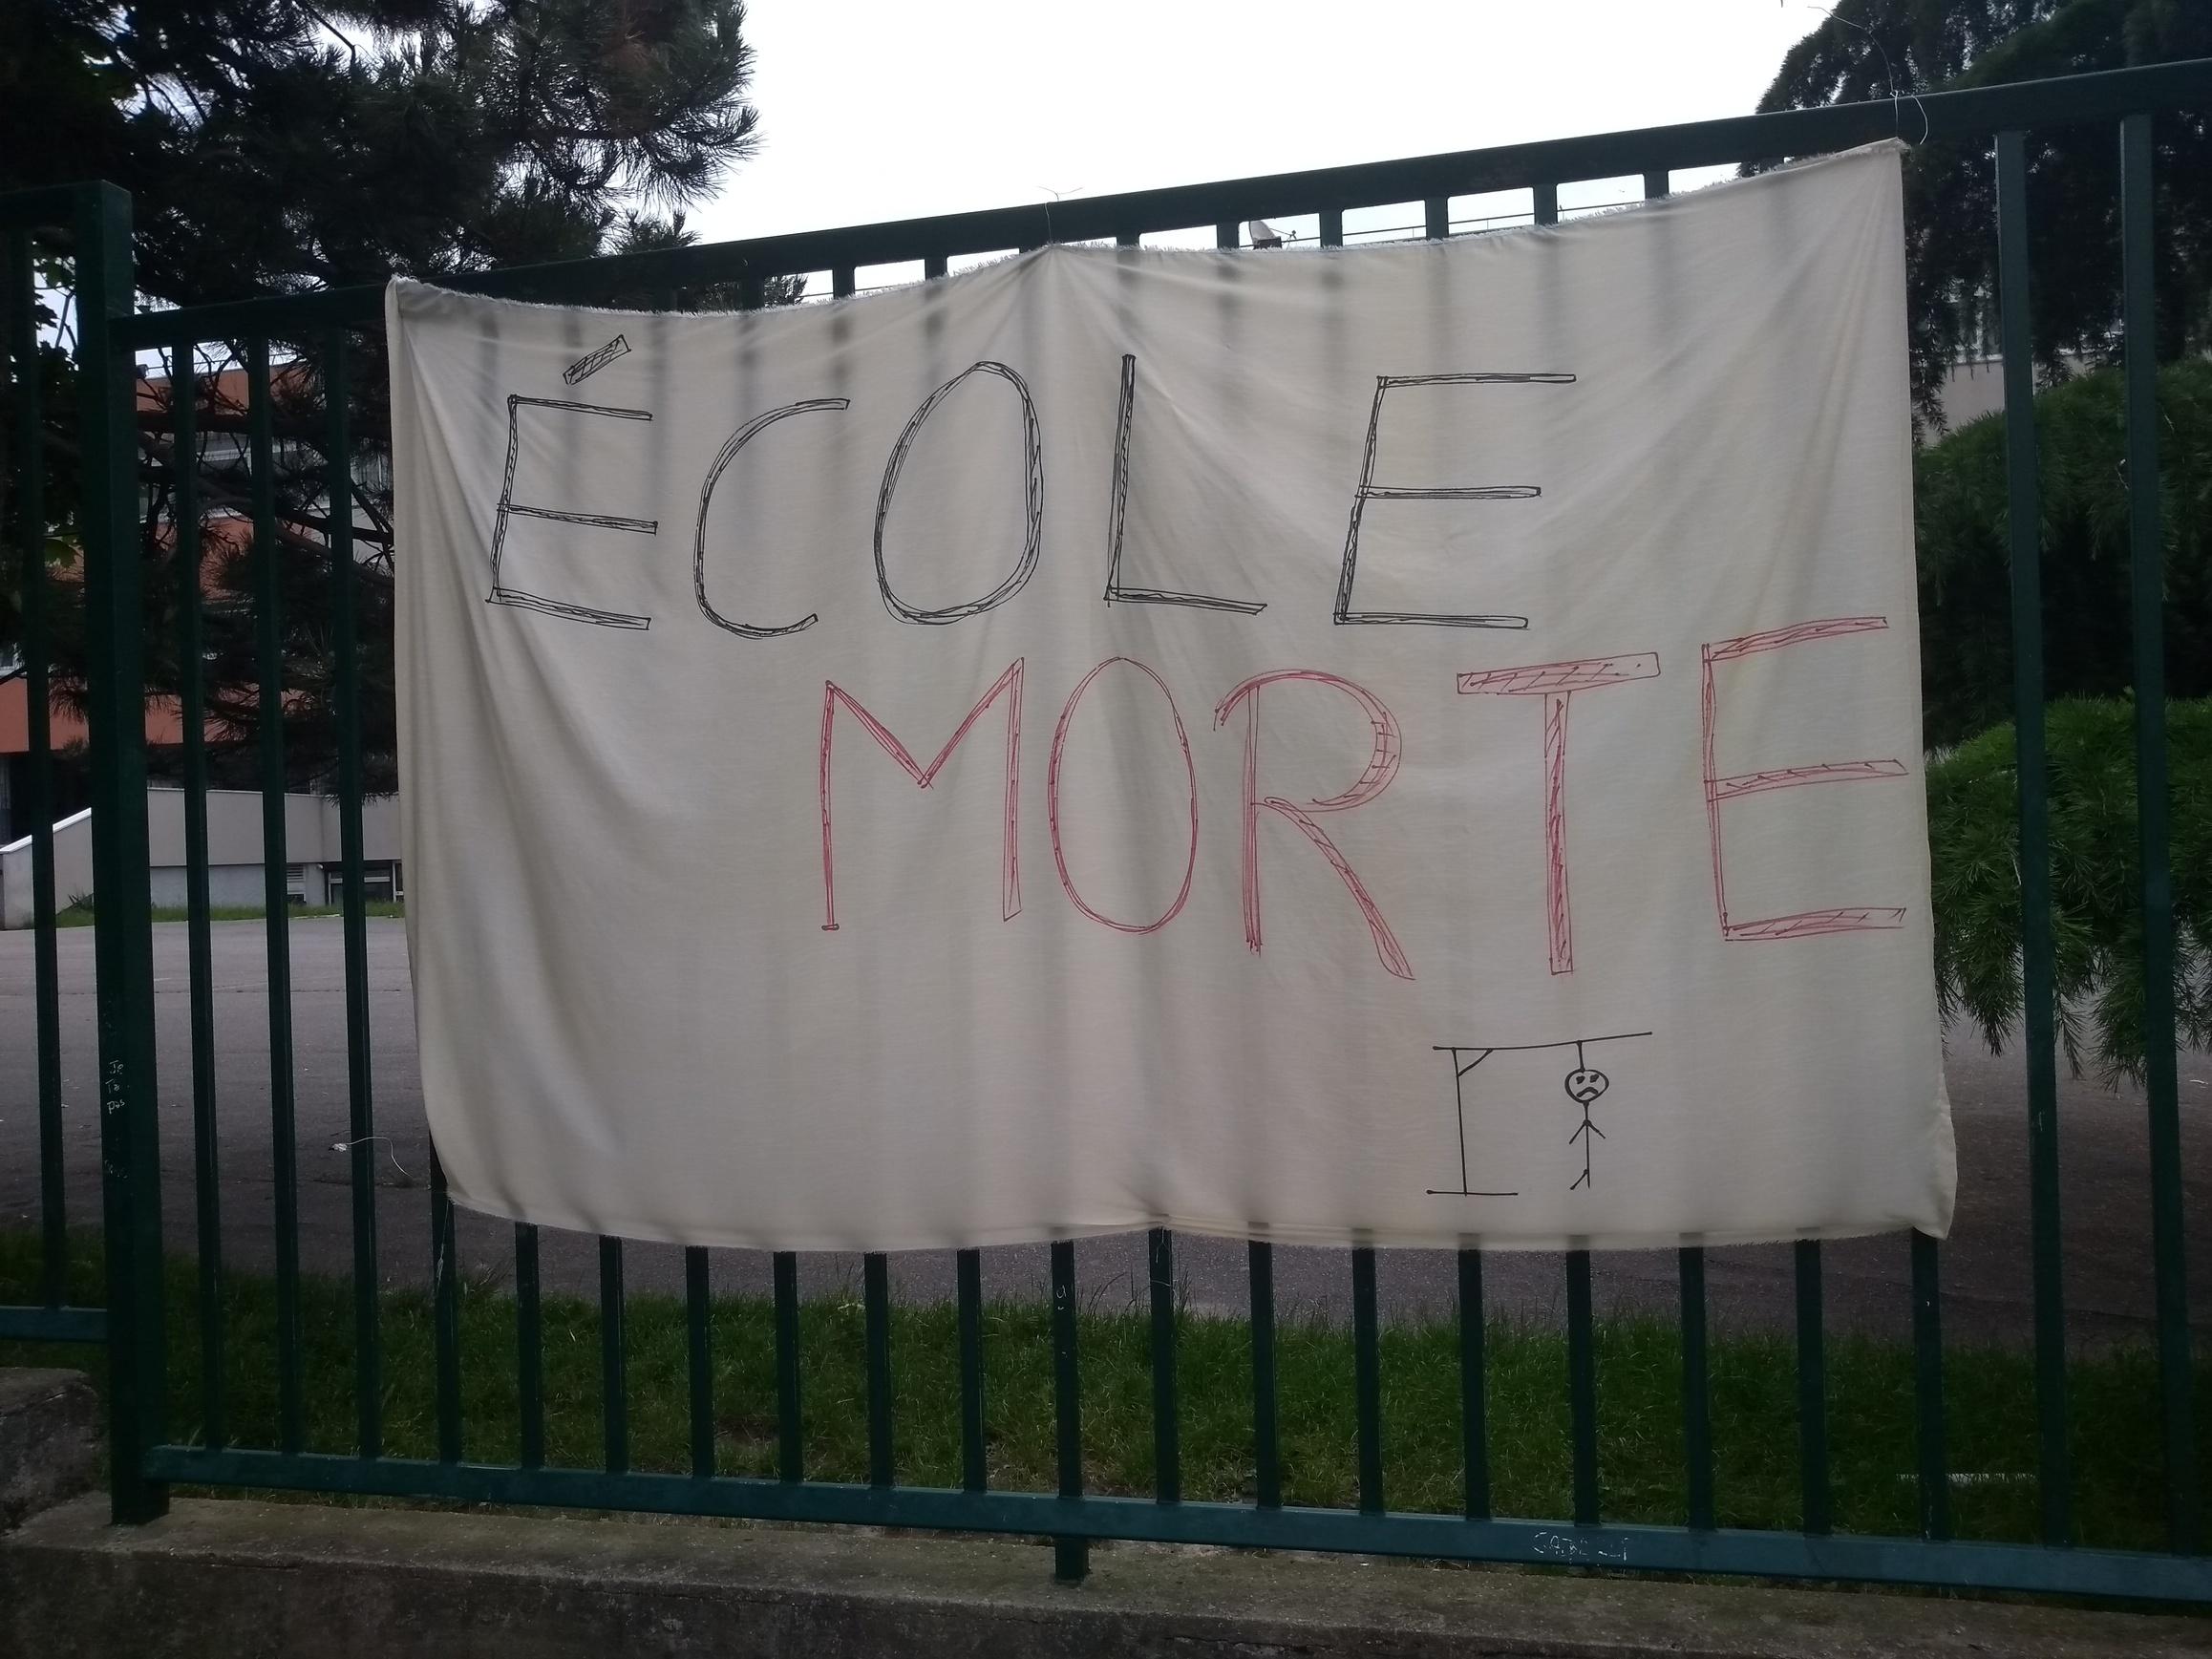 Le 15 avril: Écoles mortes à Garges et à Sarcelles